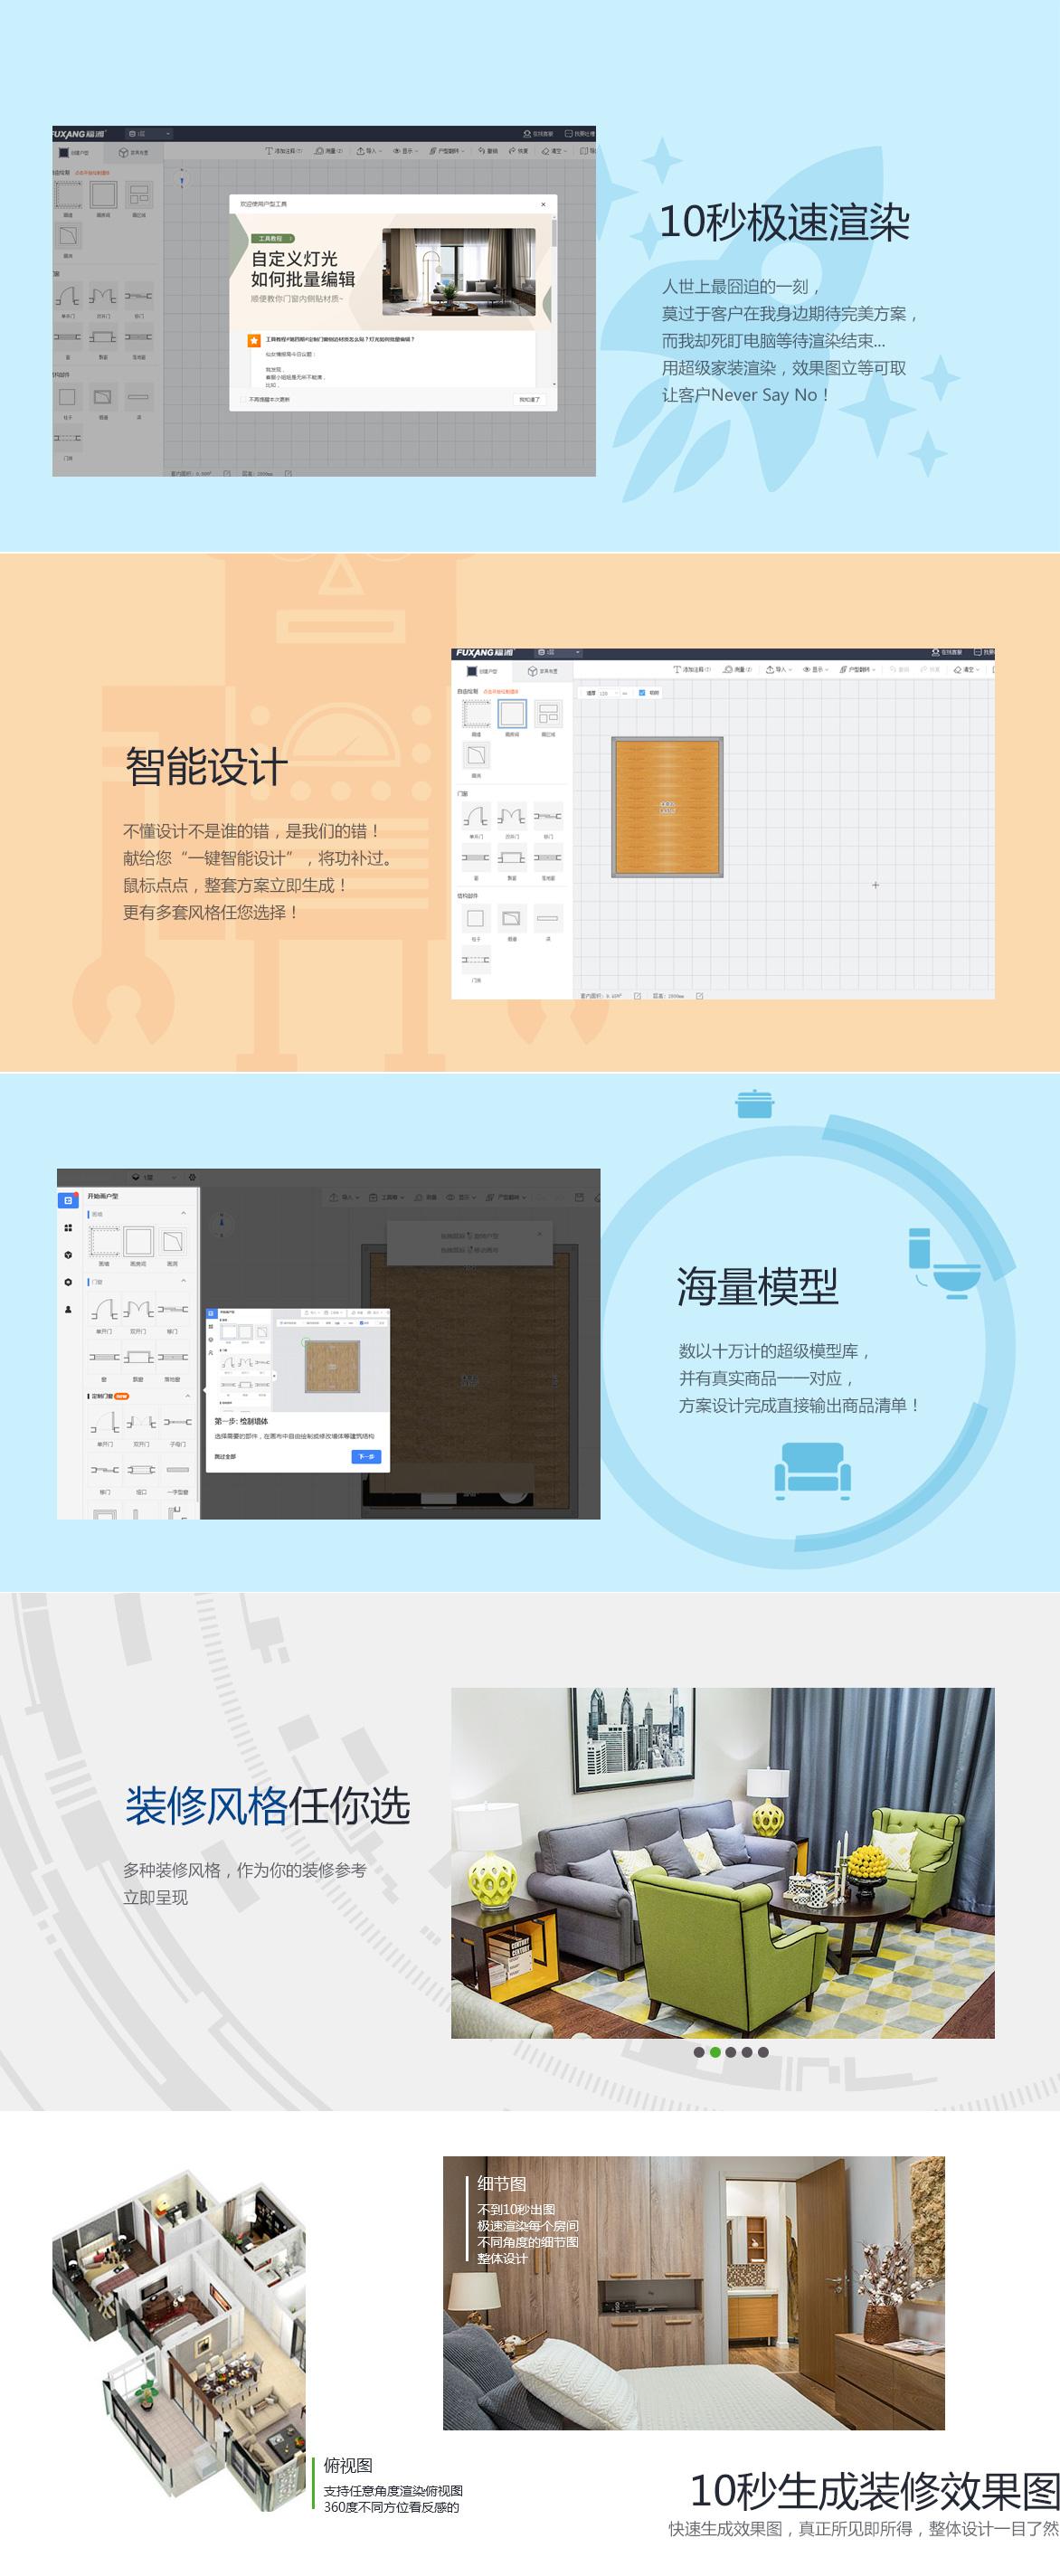 湘阴福湘木业_云设计_湖南福湘木业有限责任公司